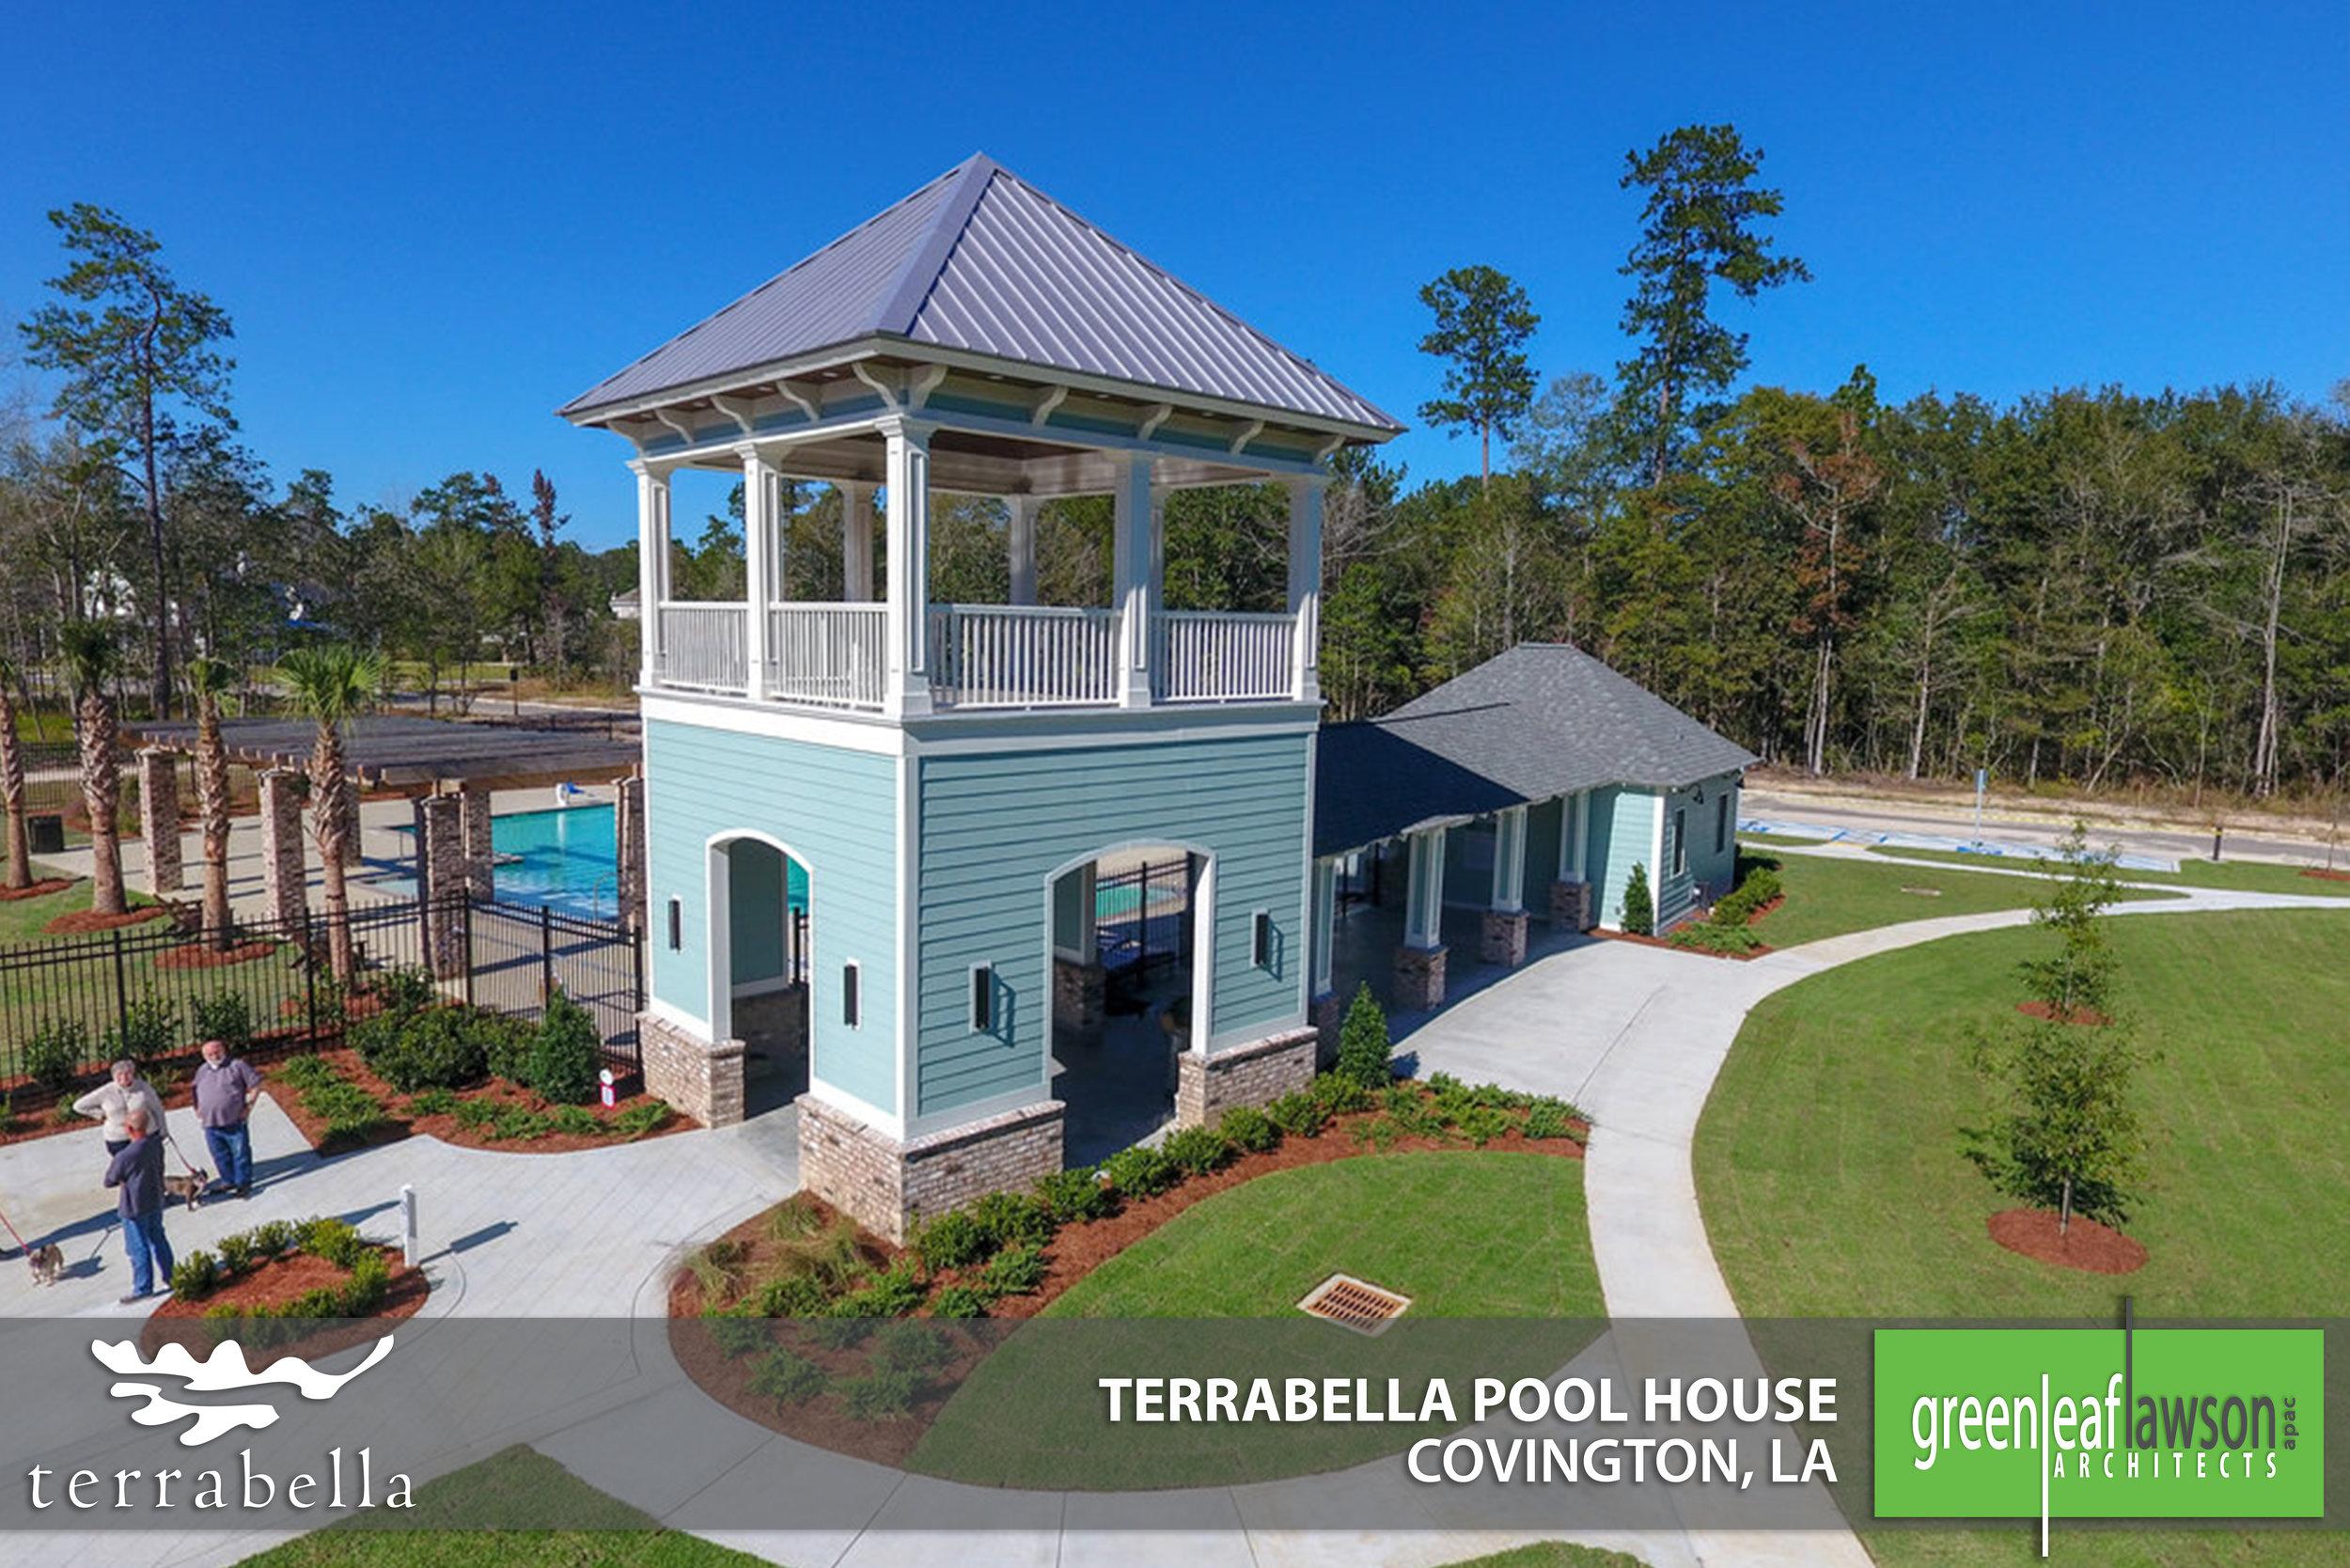 TerraBella Pool House 3.jpg